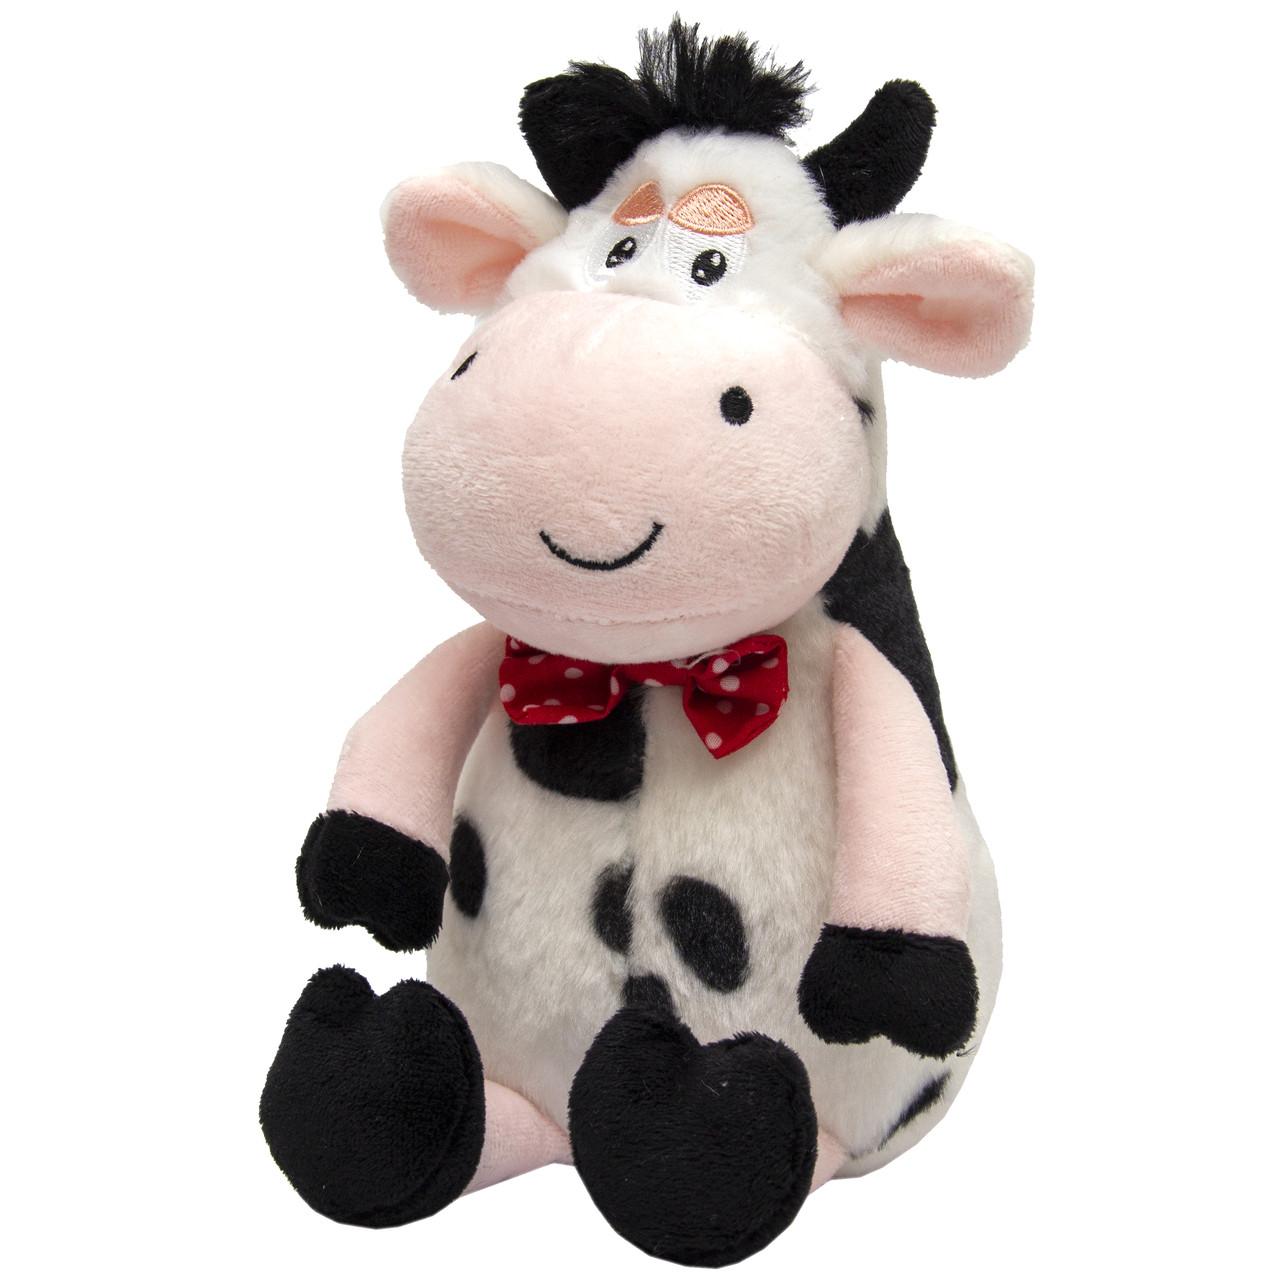 Мягкая игрушка - бык с бабочкой, 18 см, черно-белый, плюш (394707)